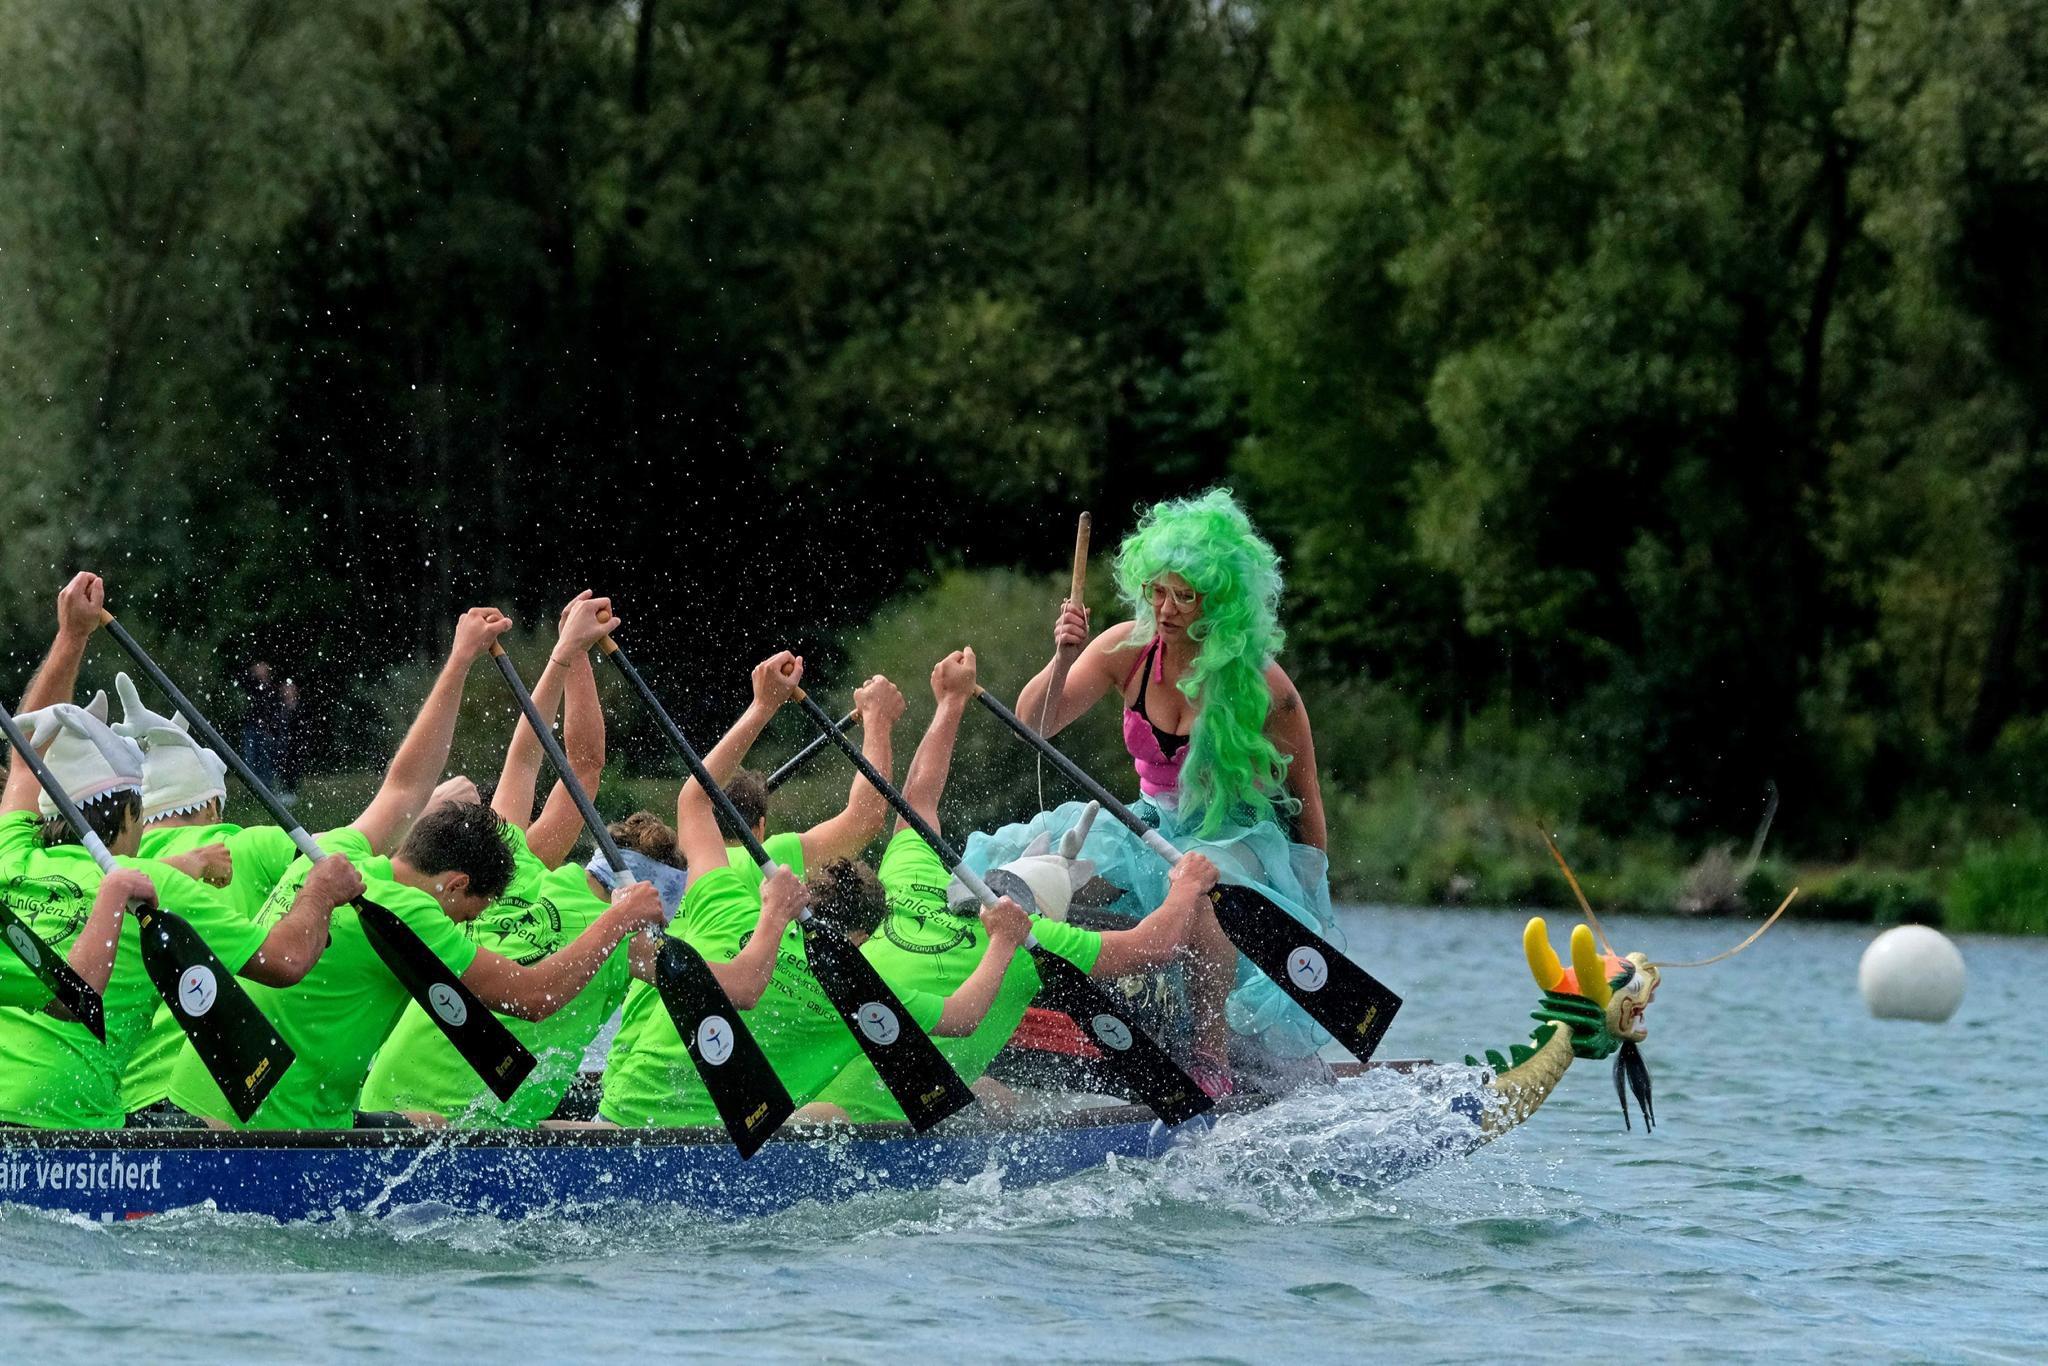 drachenbootrennen northeim 2019